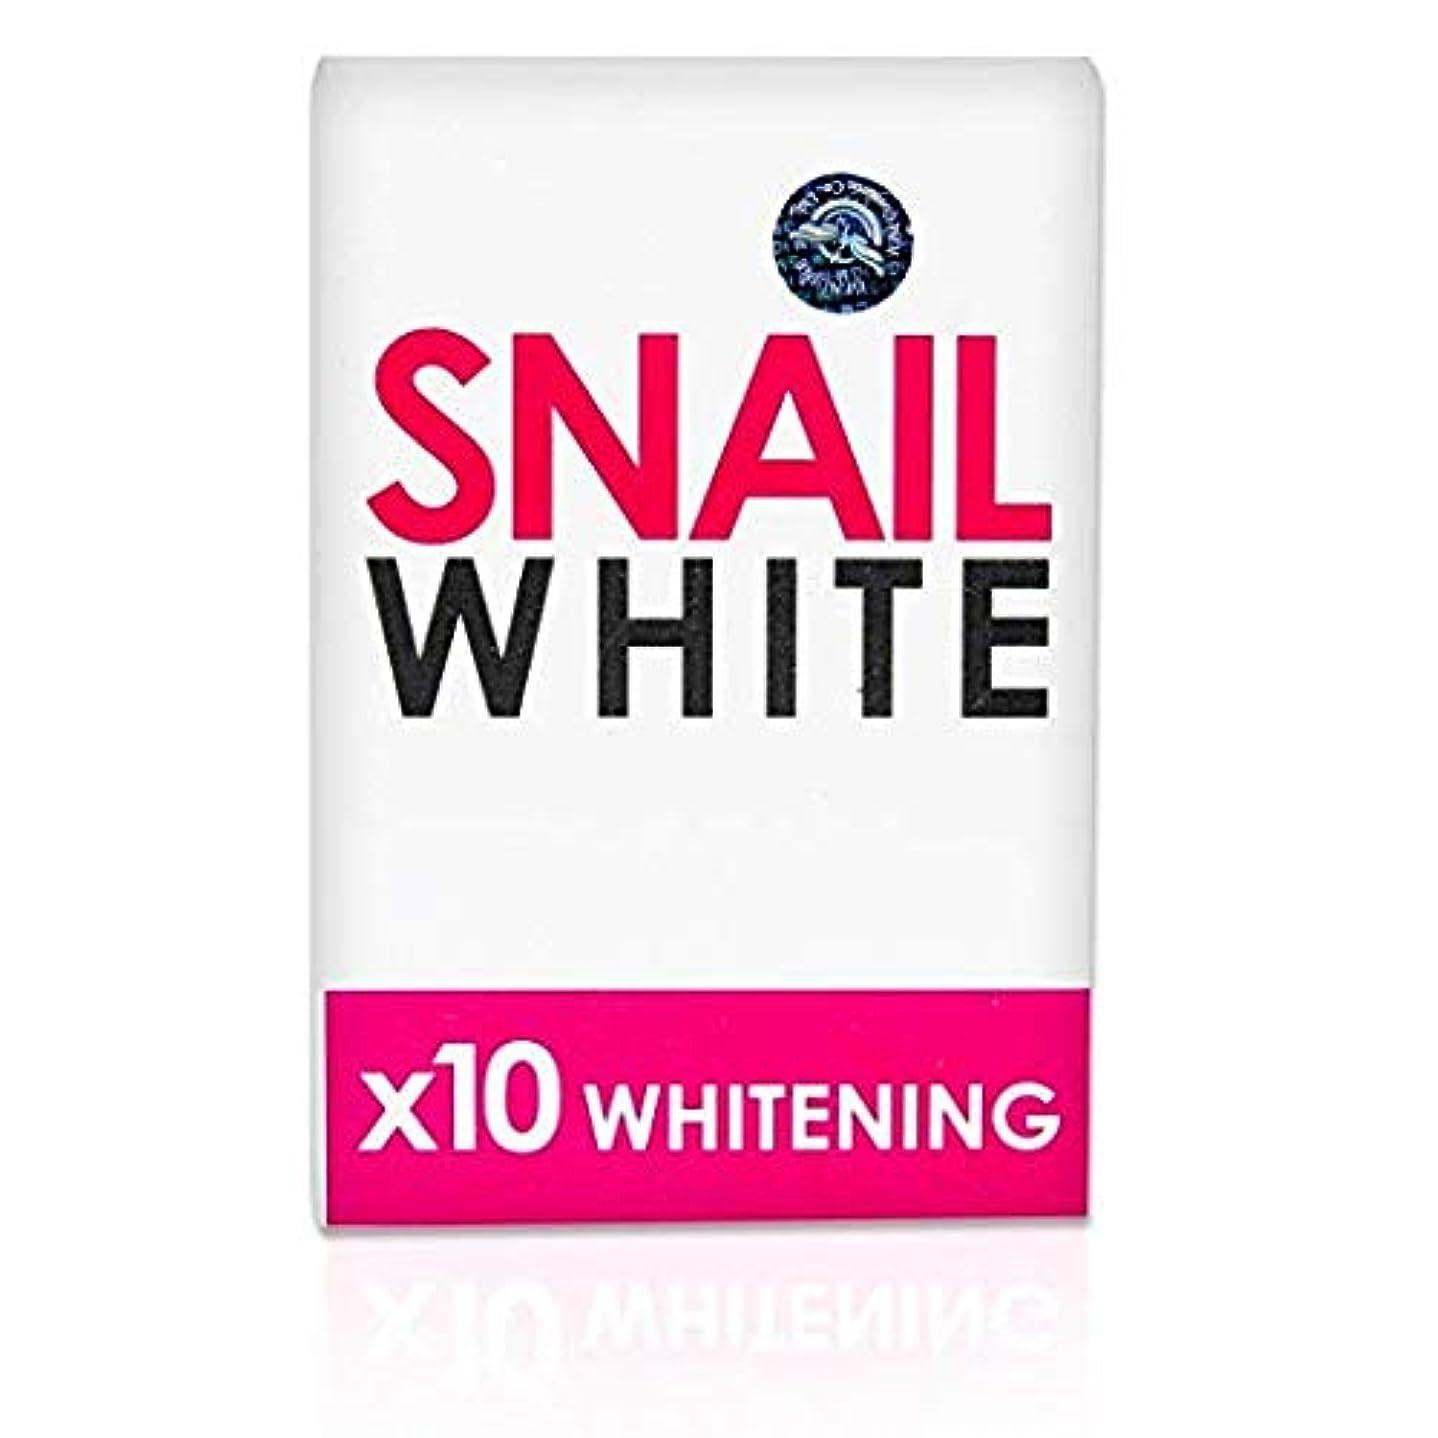 理想的にはベアリングサークルブラザースネイルホワイト Gluta Snail White x10 Whitening by Dream ホワイトニング 固形石鹸 2個